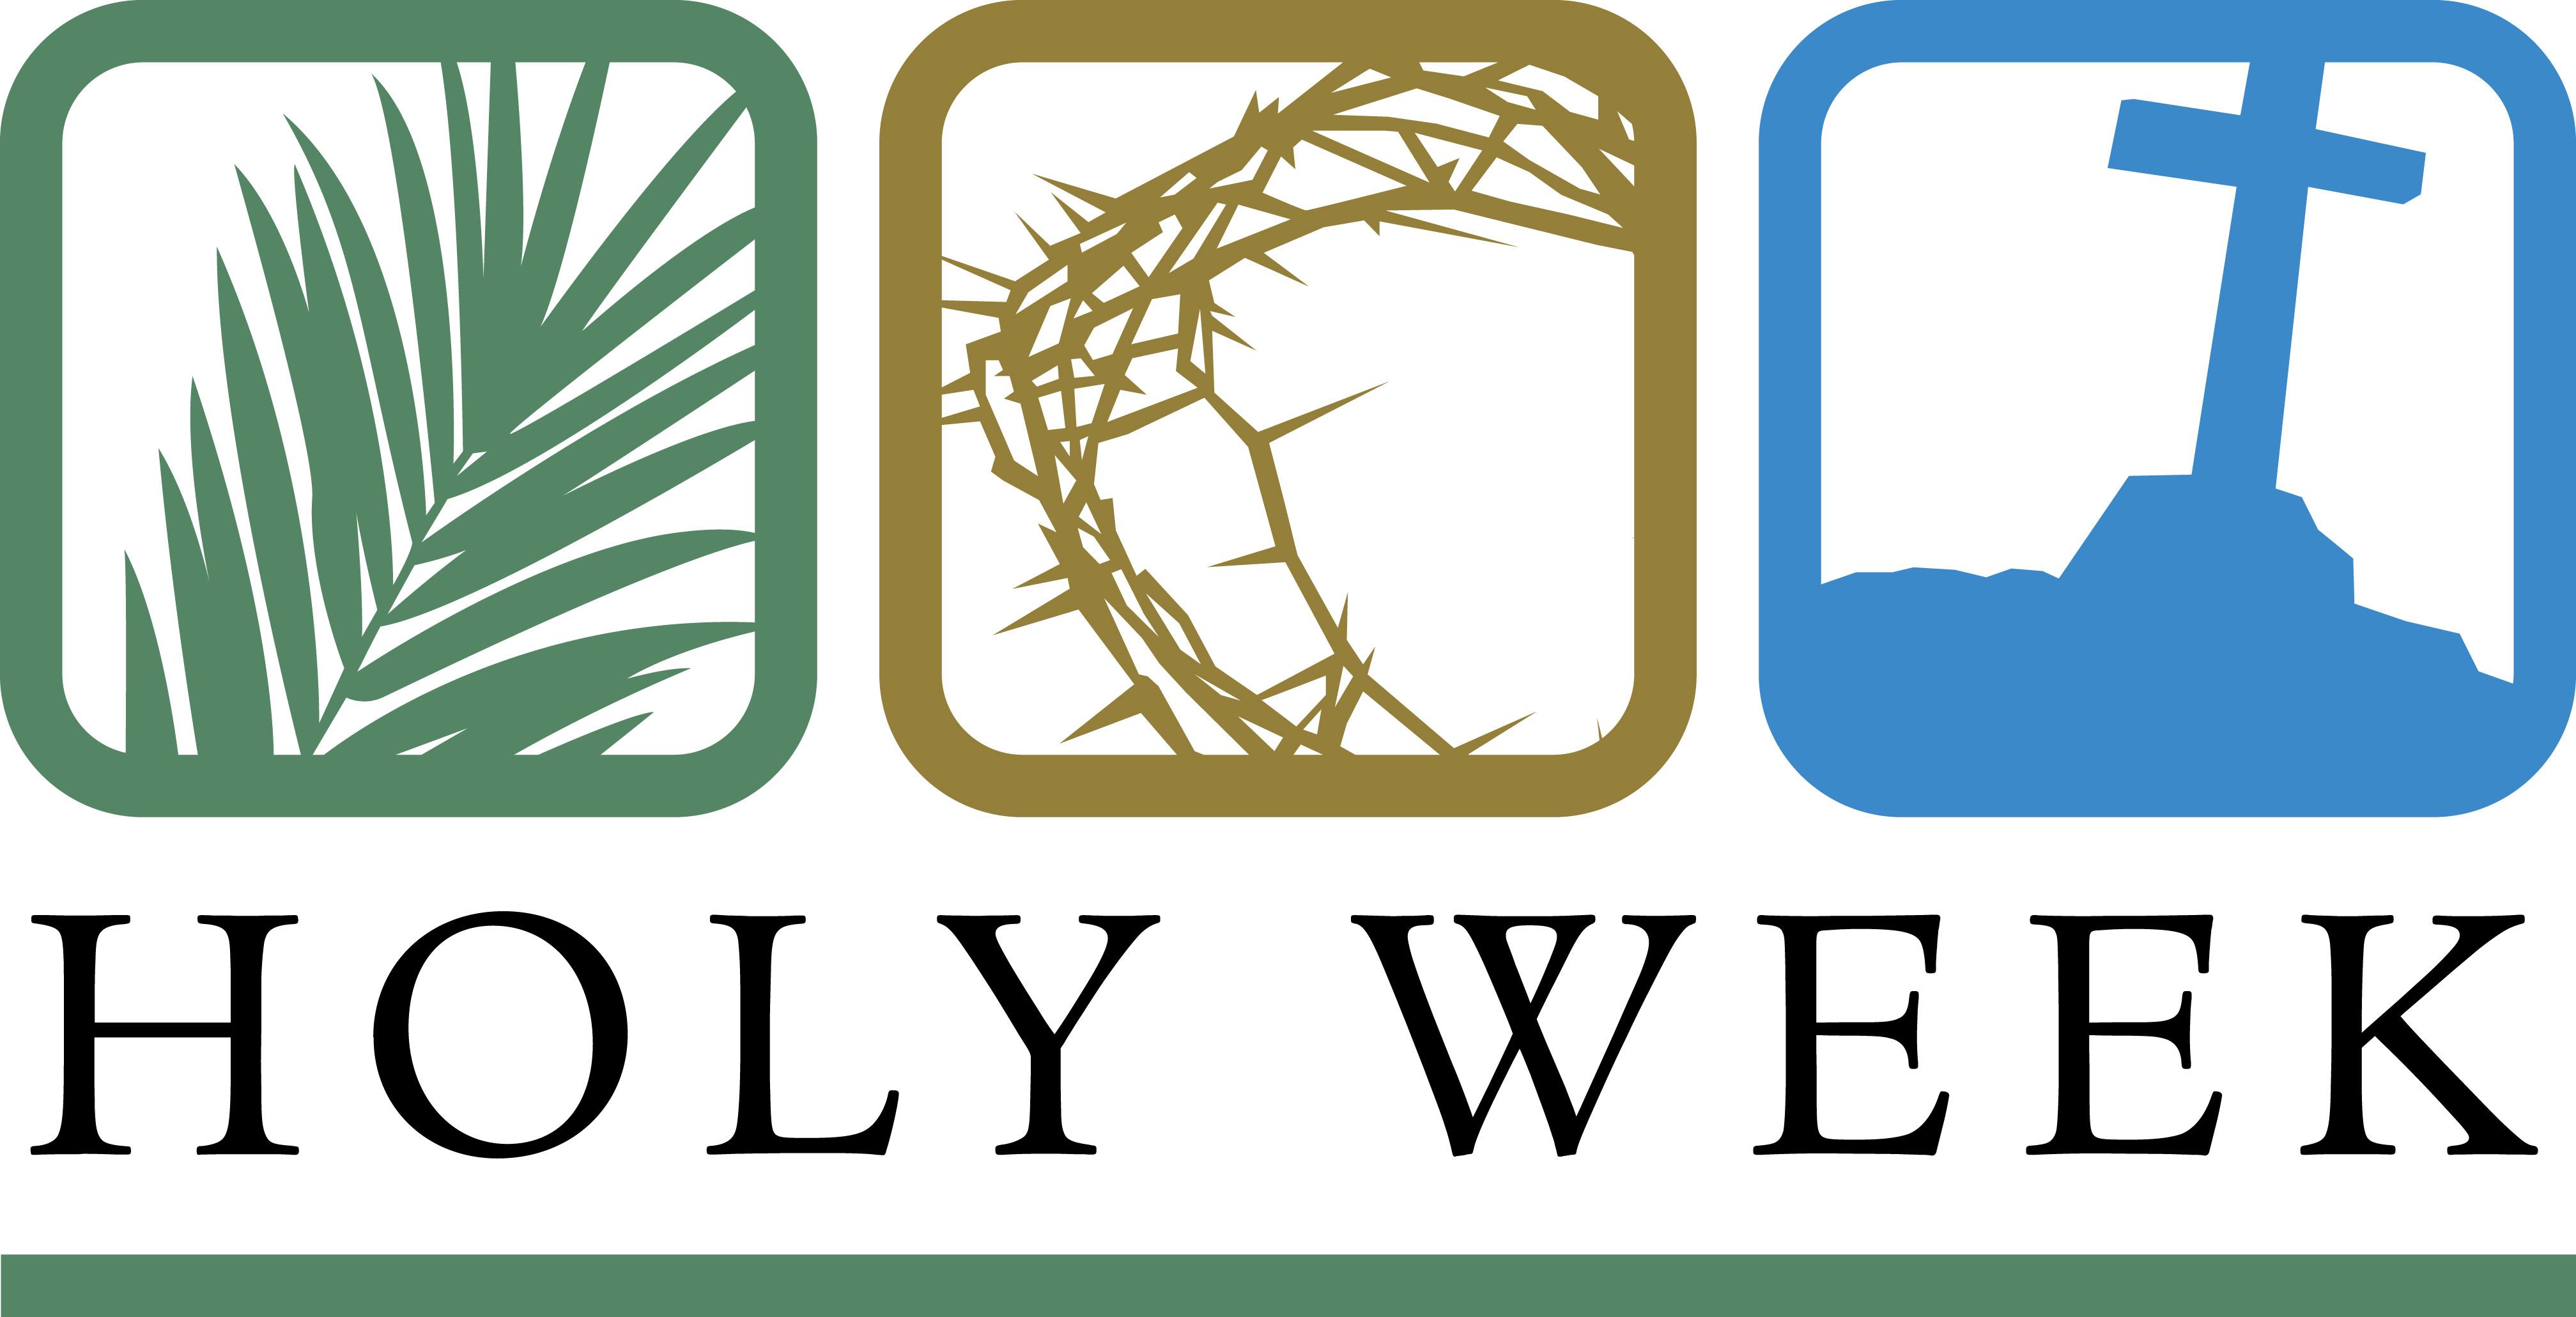 Catholic holy week clipart